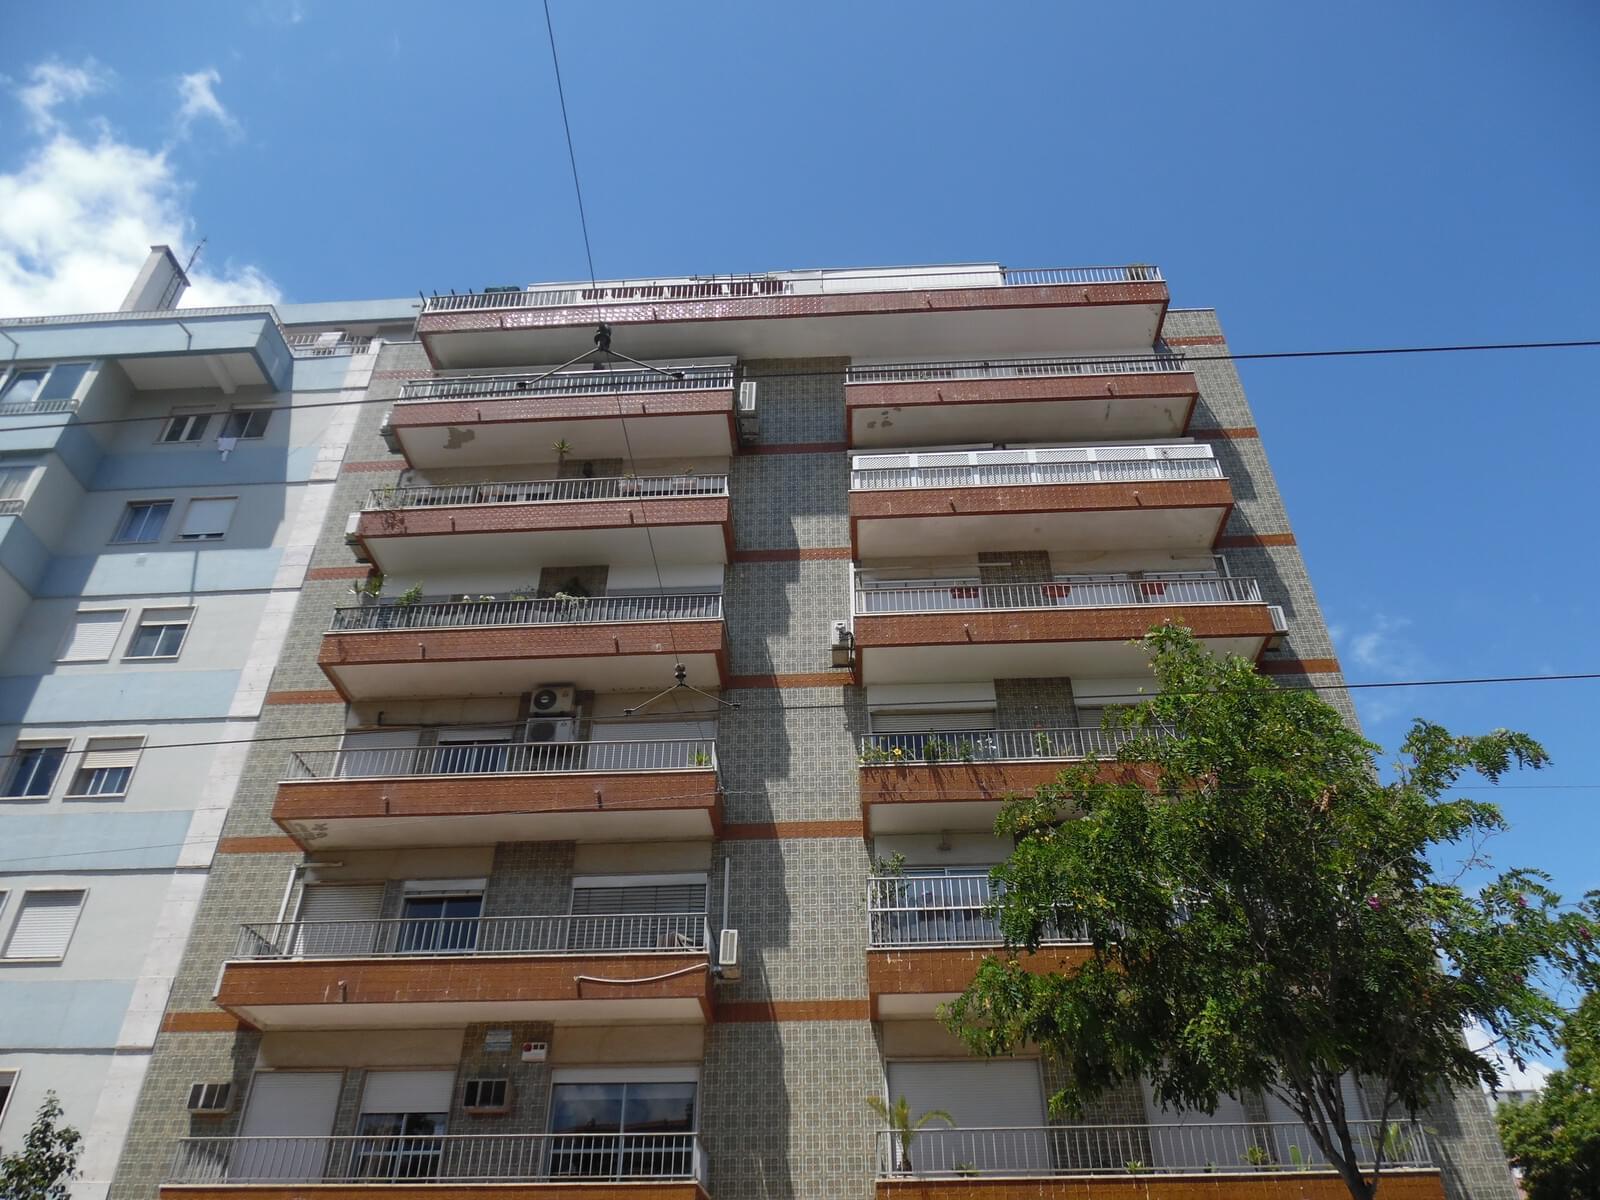 pf17816-apartamento-t3-lisboa-eb3e66dd-77e4-4e38-8ef3-37181268e9b9